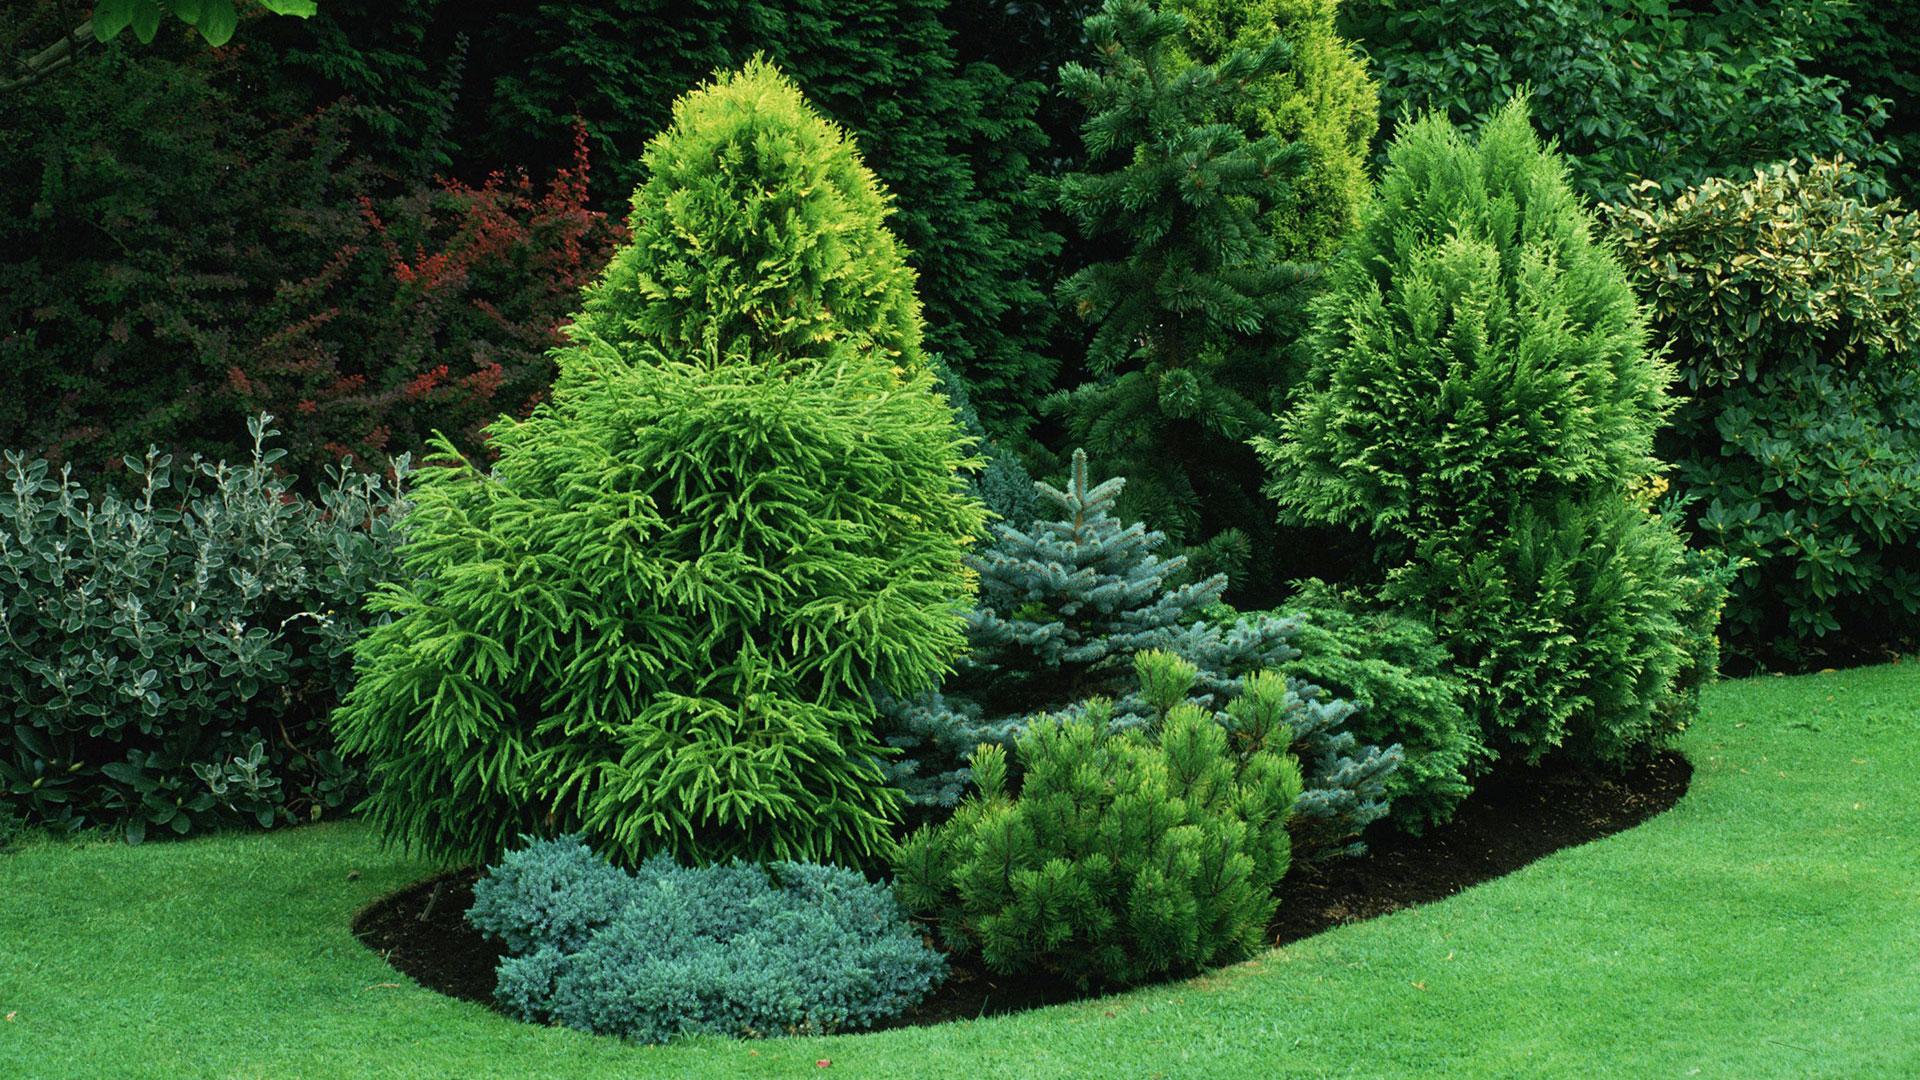 Декоративная сосна (34 фото): разновидности декоративных сосен для сада с описанием. как правильно посадить в горшок?